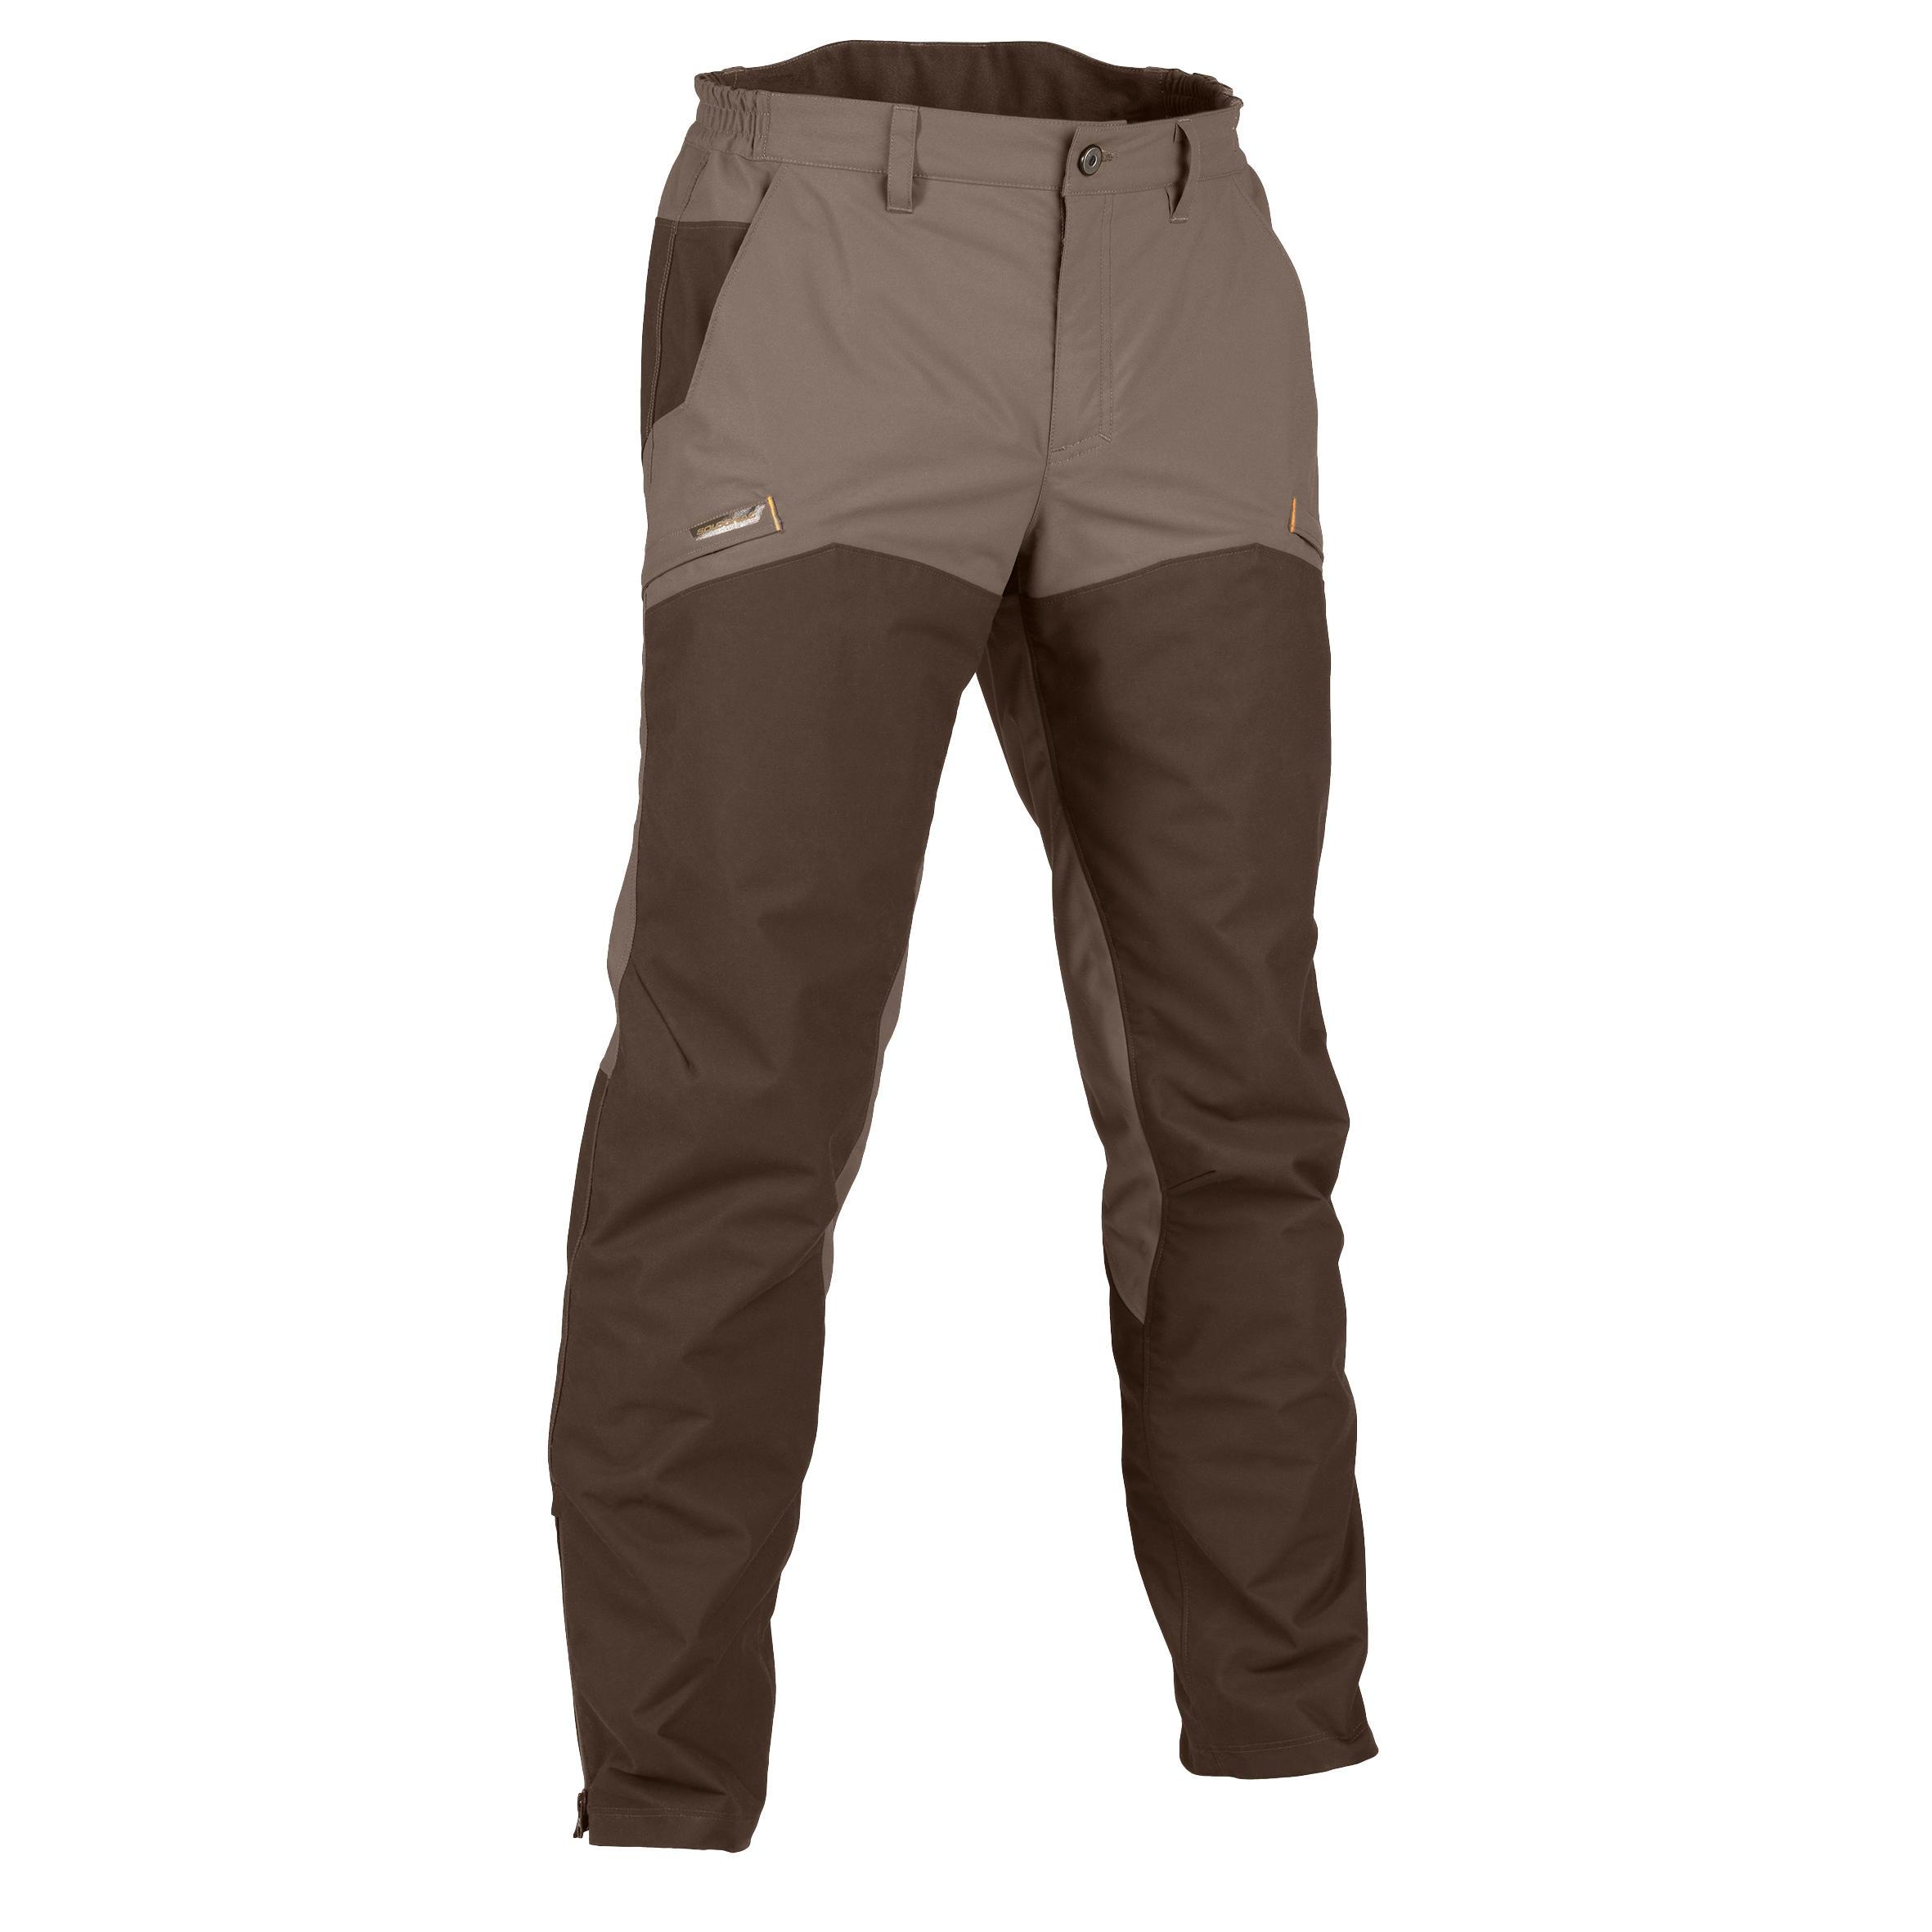 Pantalon chasse impermÉable renfort 520 marron solognac